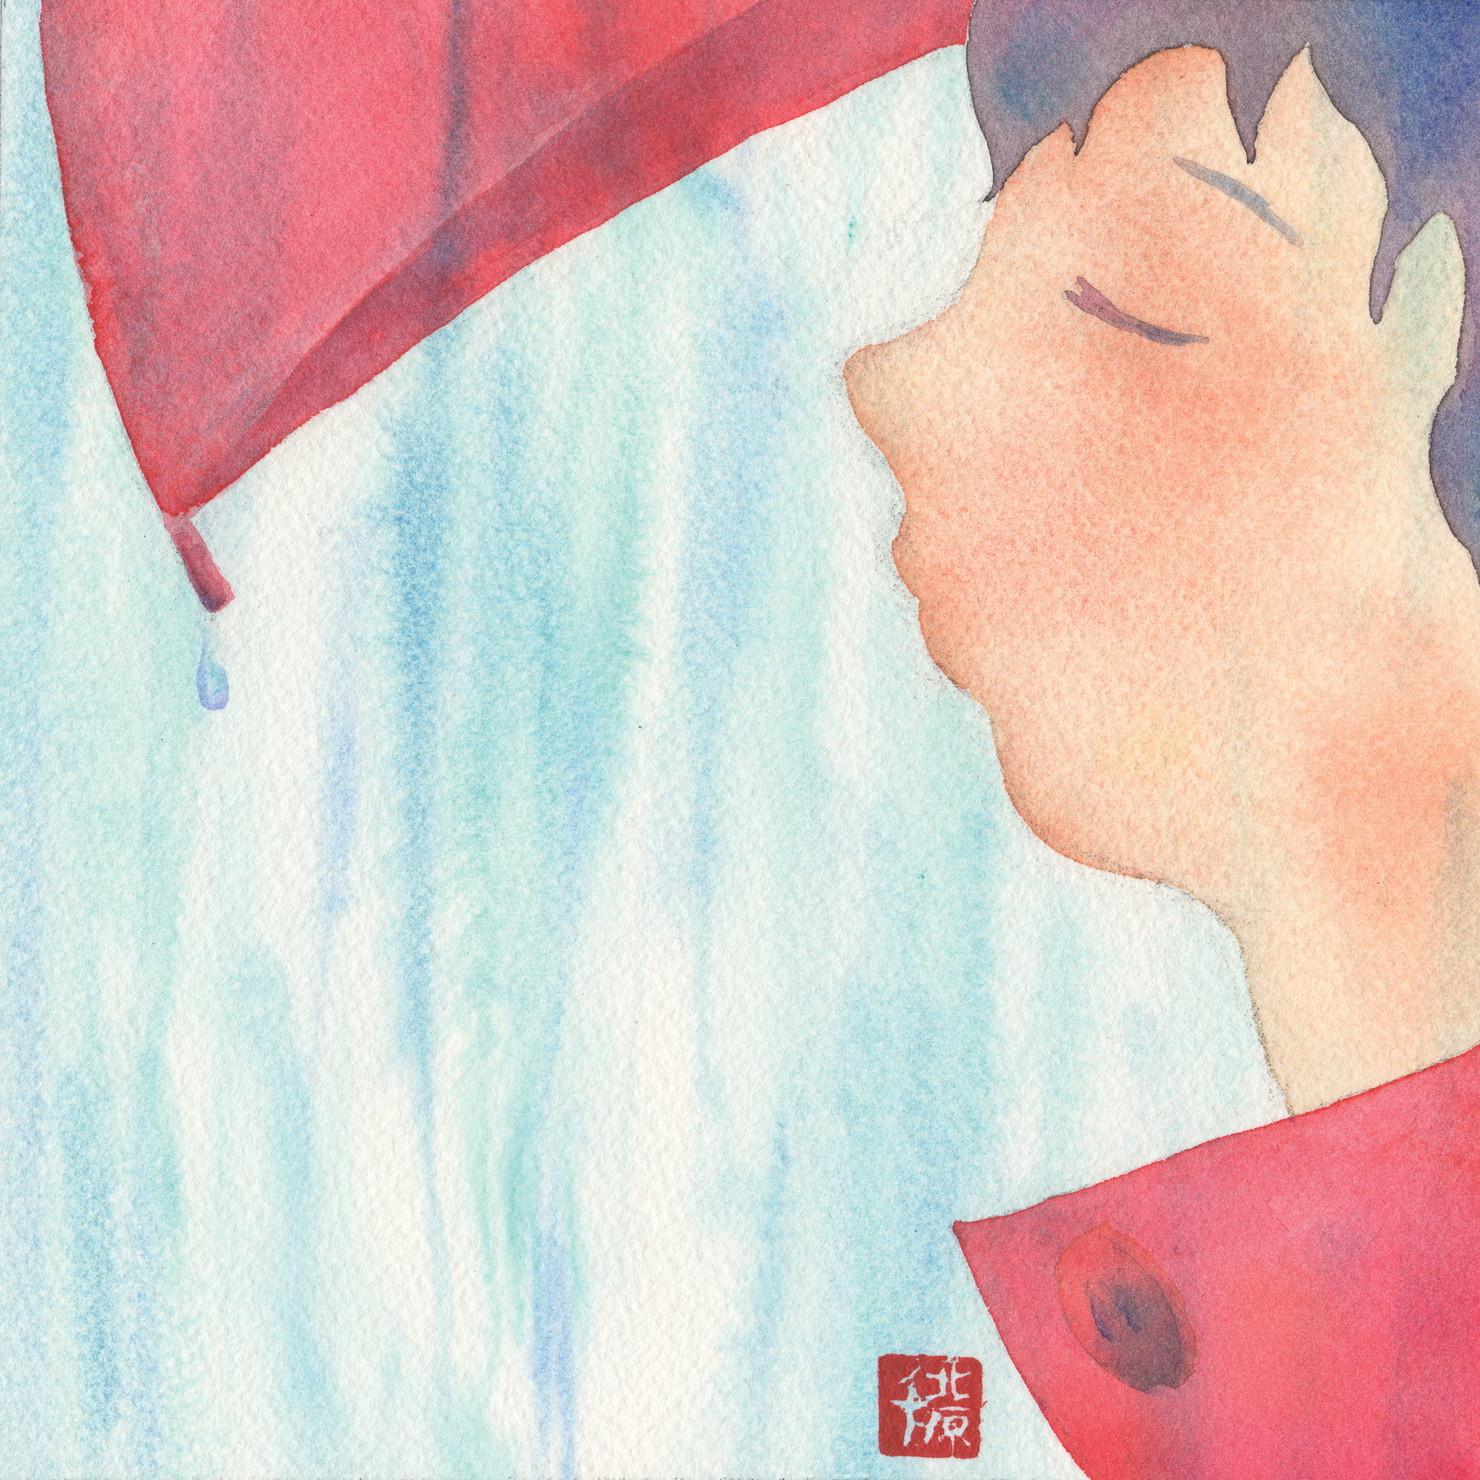 絵画 インテリア アートパネル 雑貨 壁掛け 置物 おしゃれ イラスト 創作絵画 雨 ロココロ 画家 : 北原 千 作品 : 雨の匂い